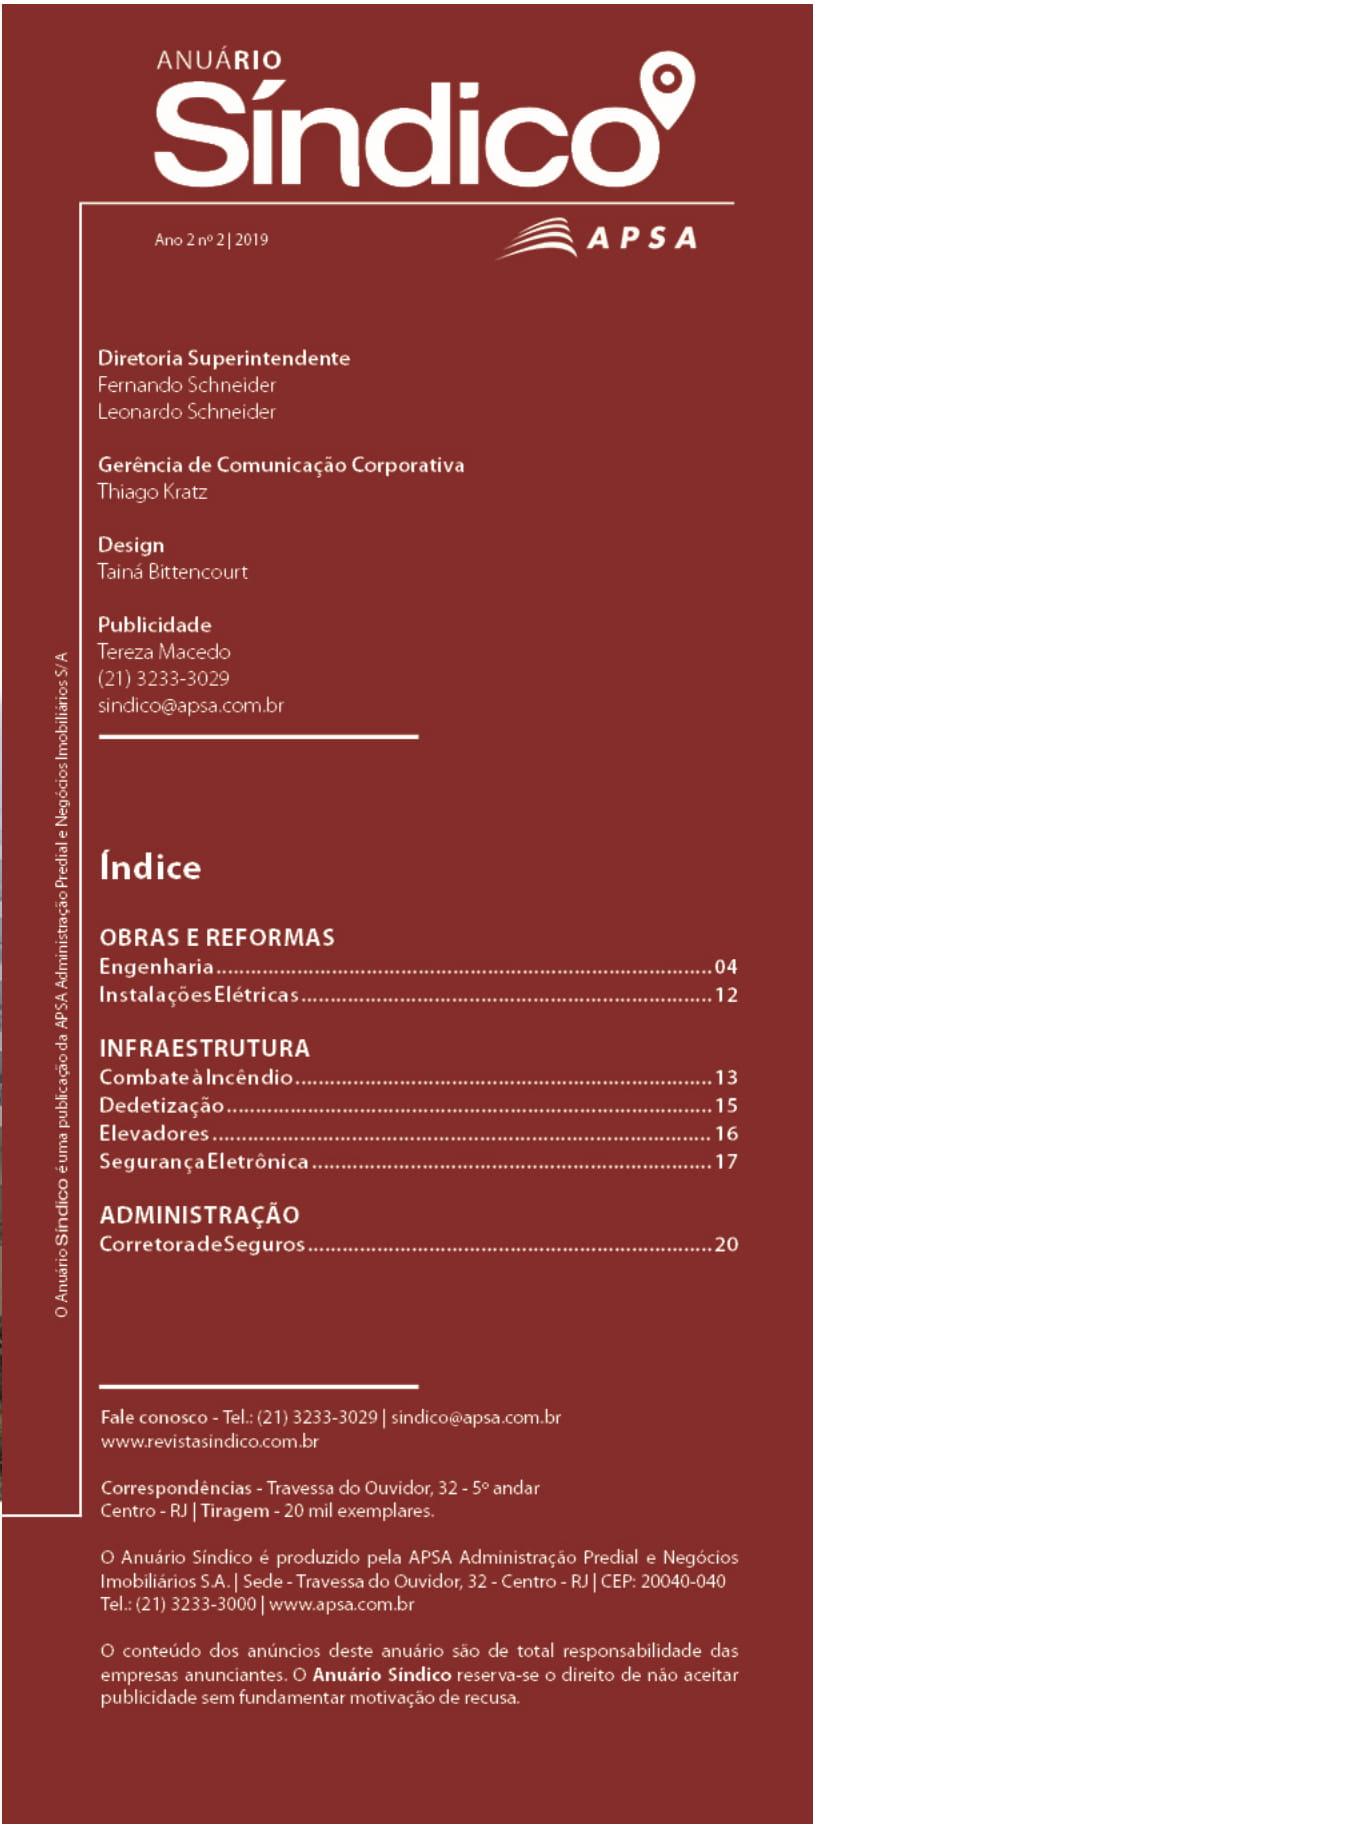 Anuário_web02-03